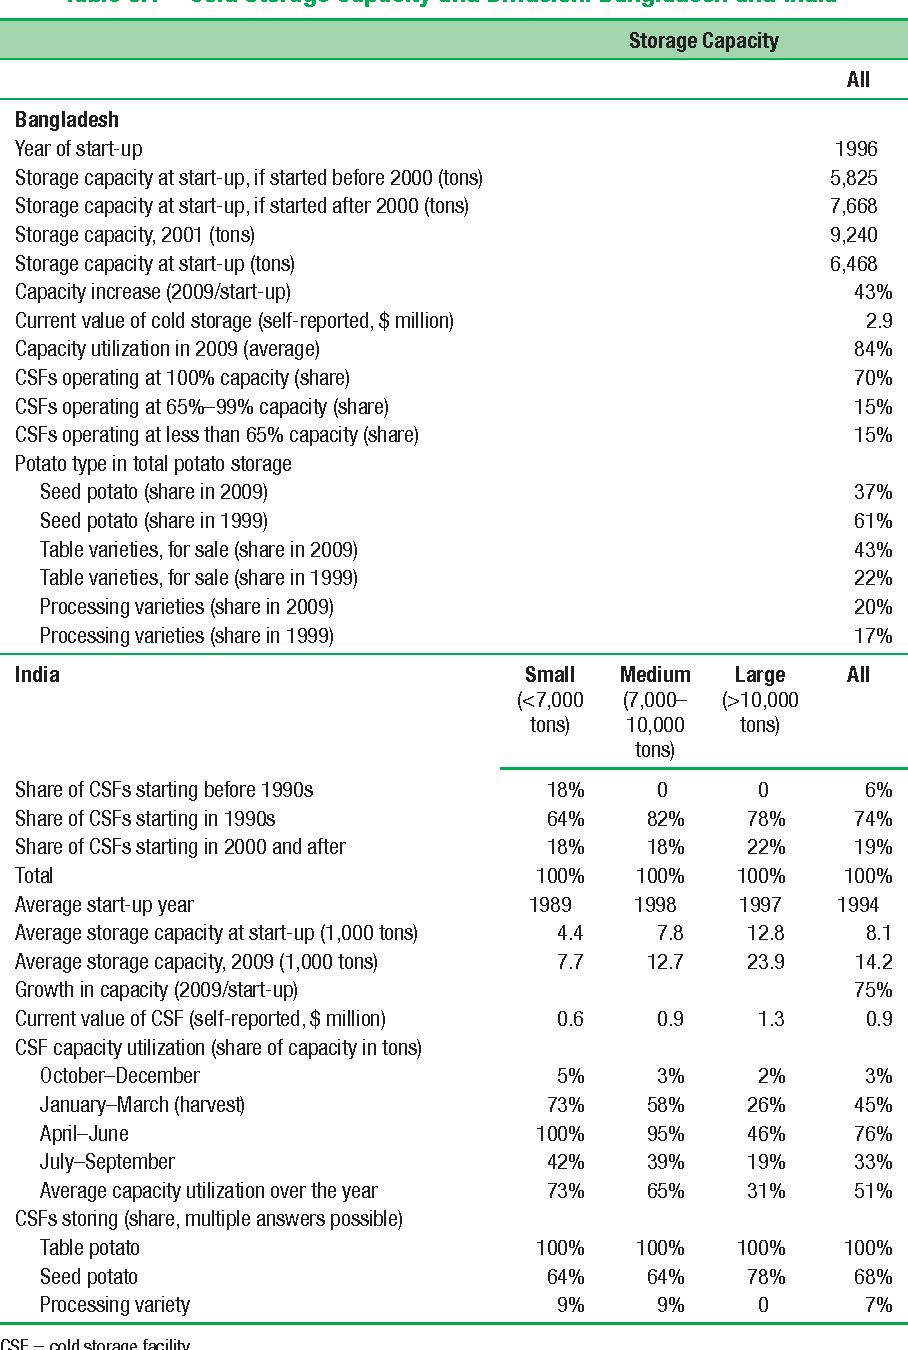 Table 8.1 Cold Storage Capacity and Diffusion: Bangladesh and India